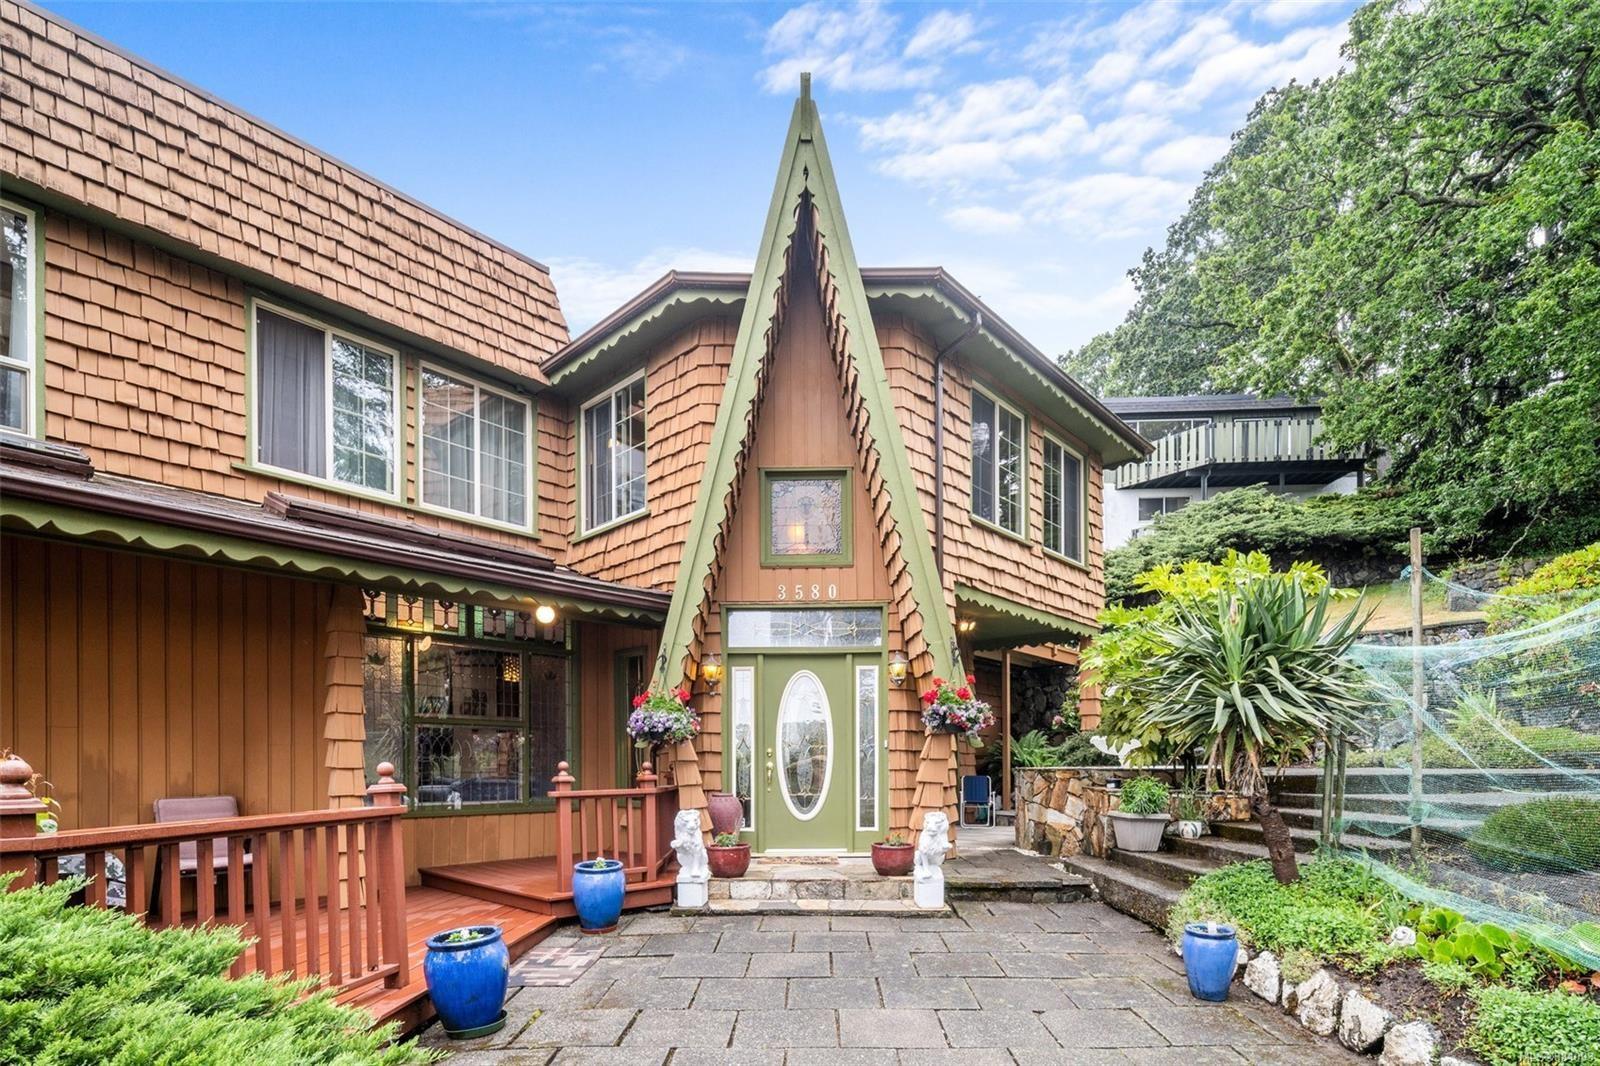 Main Photo: 3580 Cedar Hill Rd in : SE Cedar Hill House for sale (Saanich East)  : MLS®# 884093